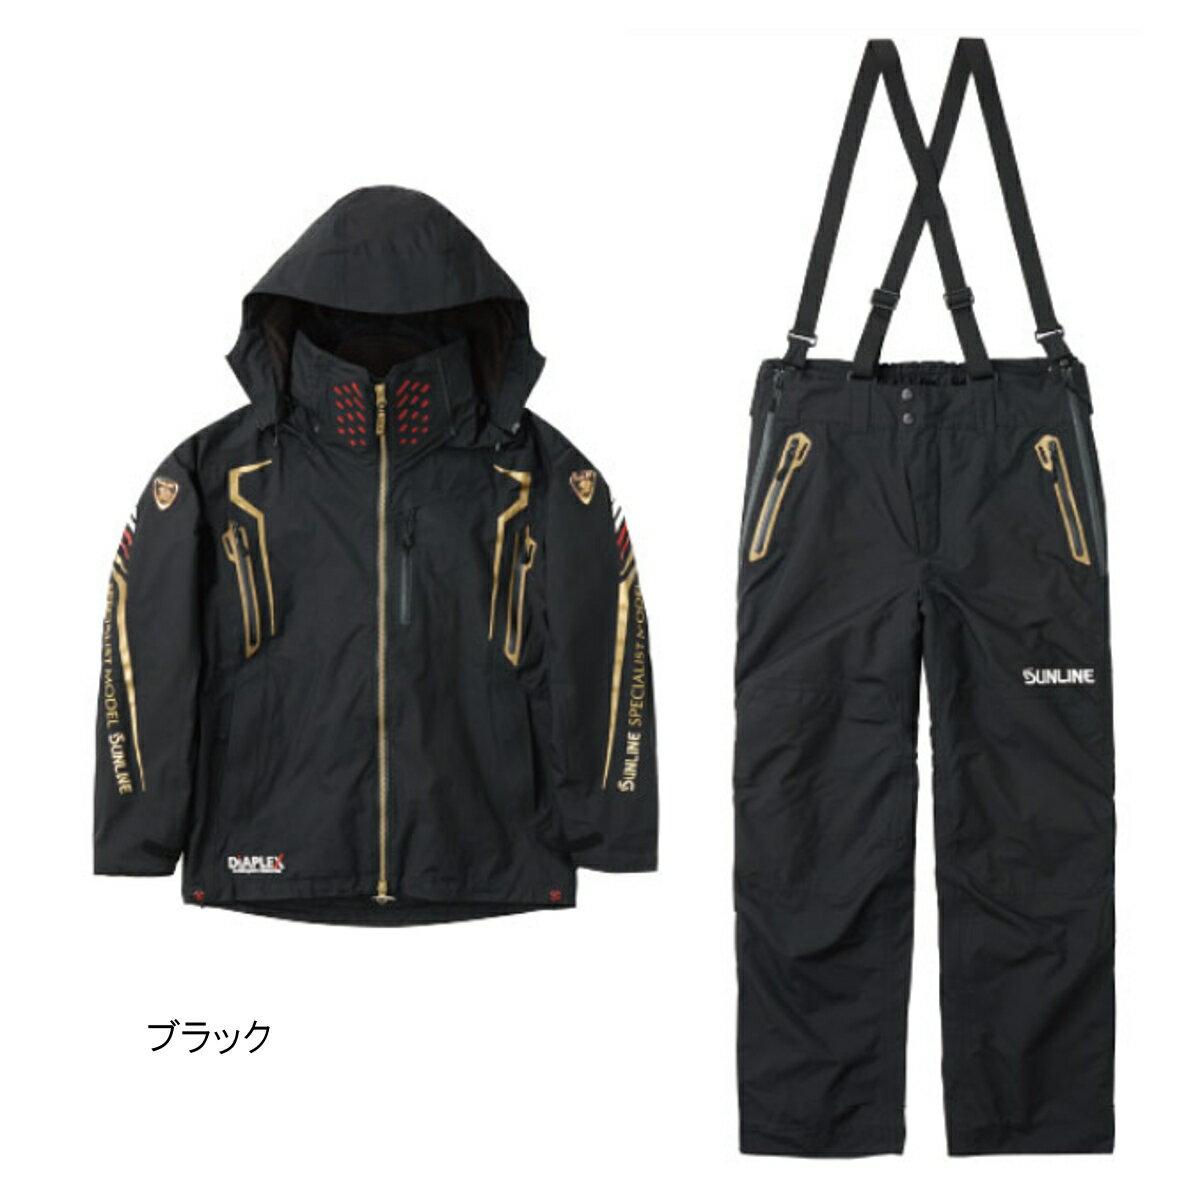 ステータス・ディアプレックスウォームアップスーツ STW-1703 3L ブラック【送料無料】